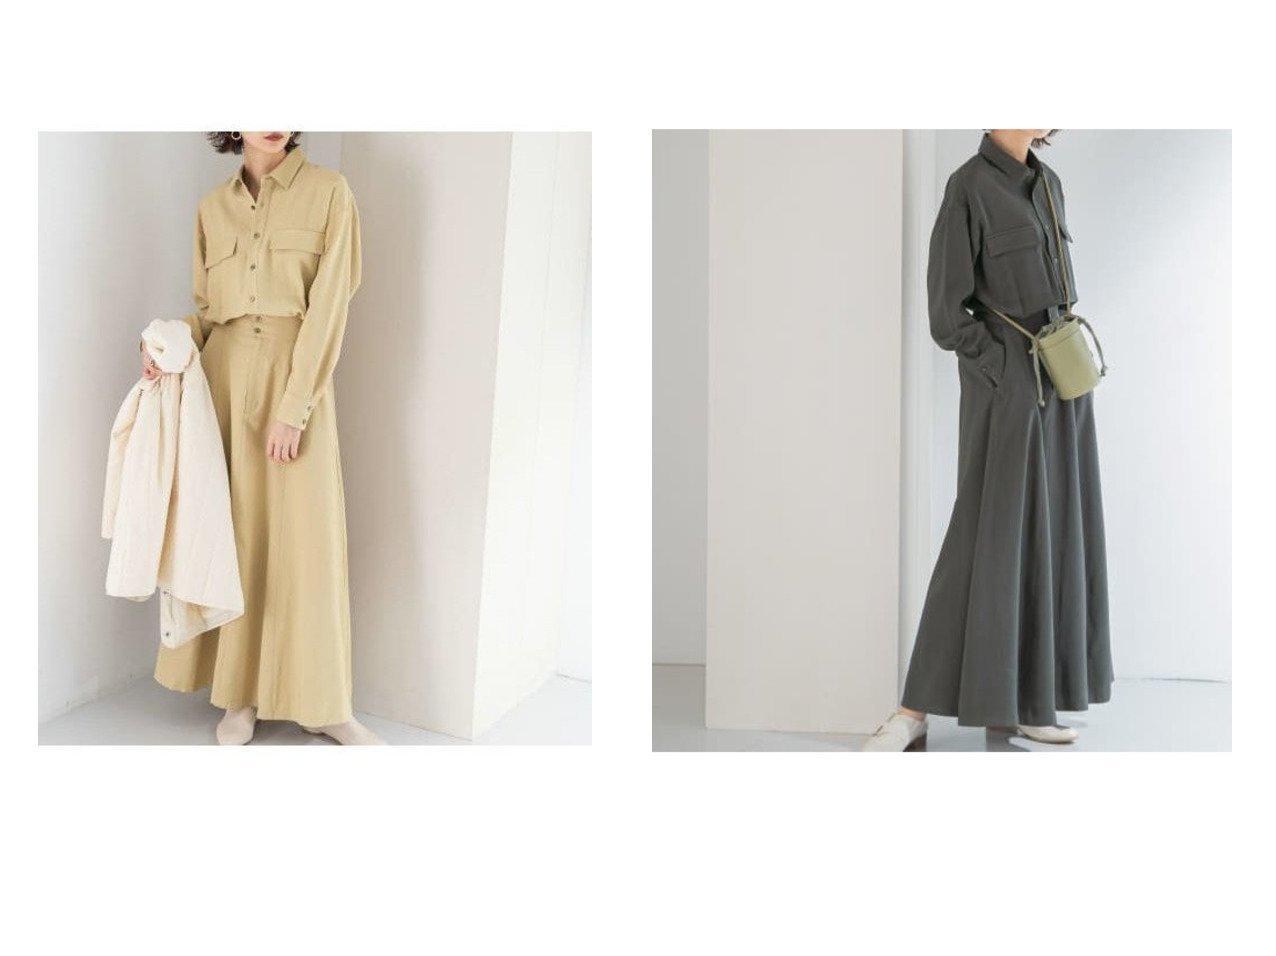 【KBF / URBAN RESEARCH/ケービーエフ】のドッキングフレアワンピース URBAN RESEARCHのおすすめ!人気、トレンド・レディースファッションの通販 おすすめで人気の流行・トレンド、ファッションの通販商品 メンズファッション・キッズファッション・インテリア・家具・レディースファッション・服の通販 founy(ファニー) https://founy.com/ ファッション Fashion レディースファッション WOMEN ワンピース Dress 春 Spring カーディガン シューズ シンプル セットアップ ドッキング バランス フレア ポケット S/S 春夏 SS Spring/Summer |ID:crp329100000017063